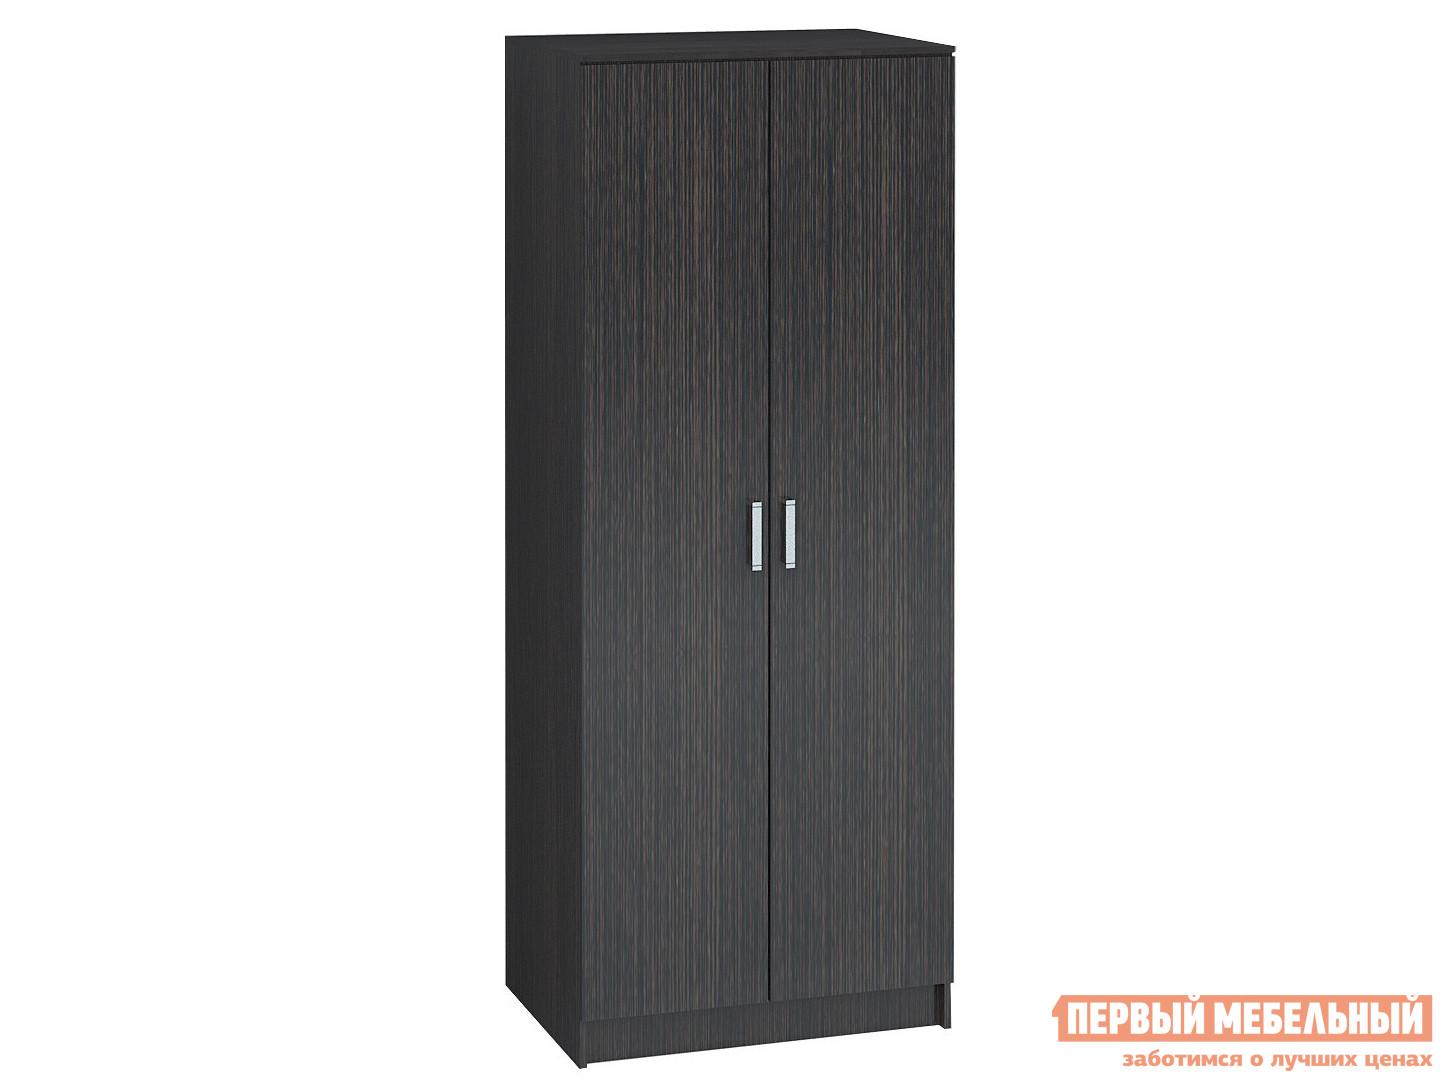 Шкаф распашной НК-Мебель Зартер шкаф витрина нк мебель верди в